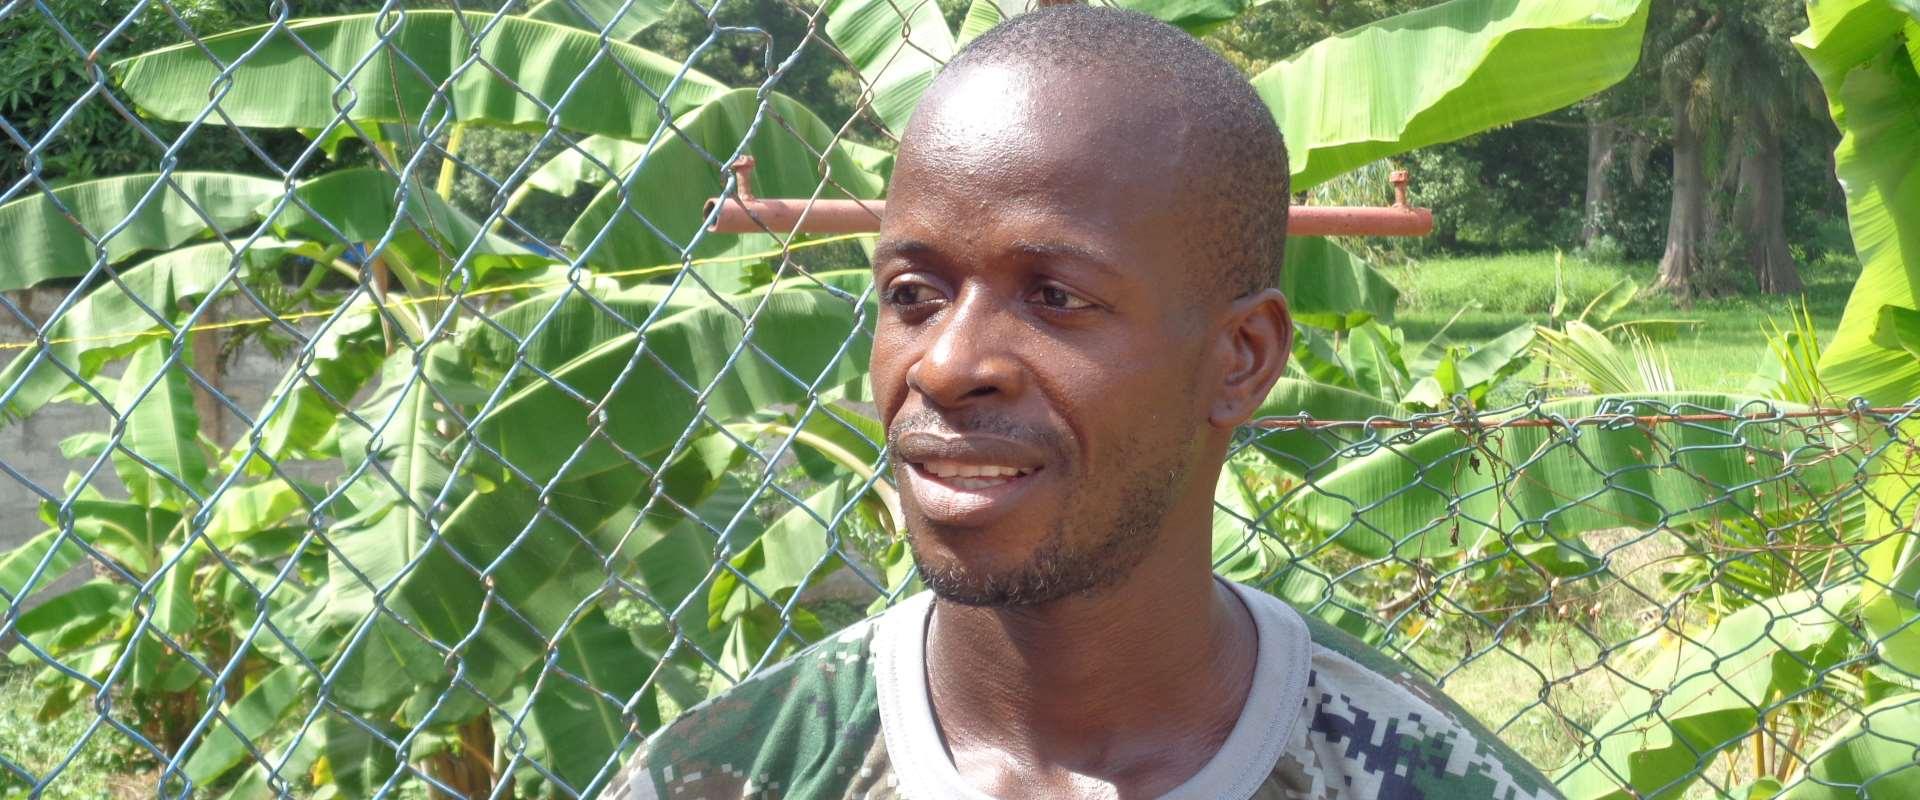 Ivanildo, segretario dell'associazione RENASCER